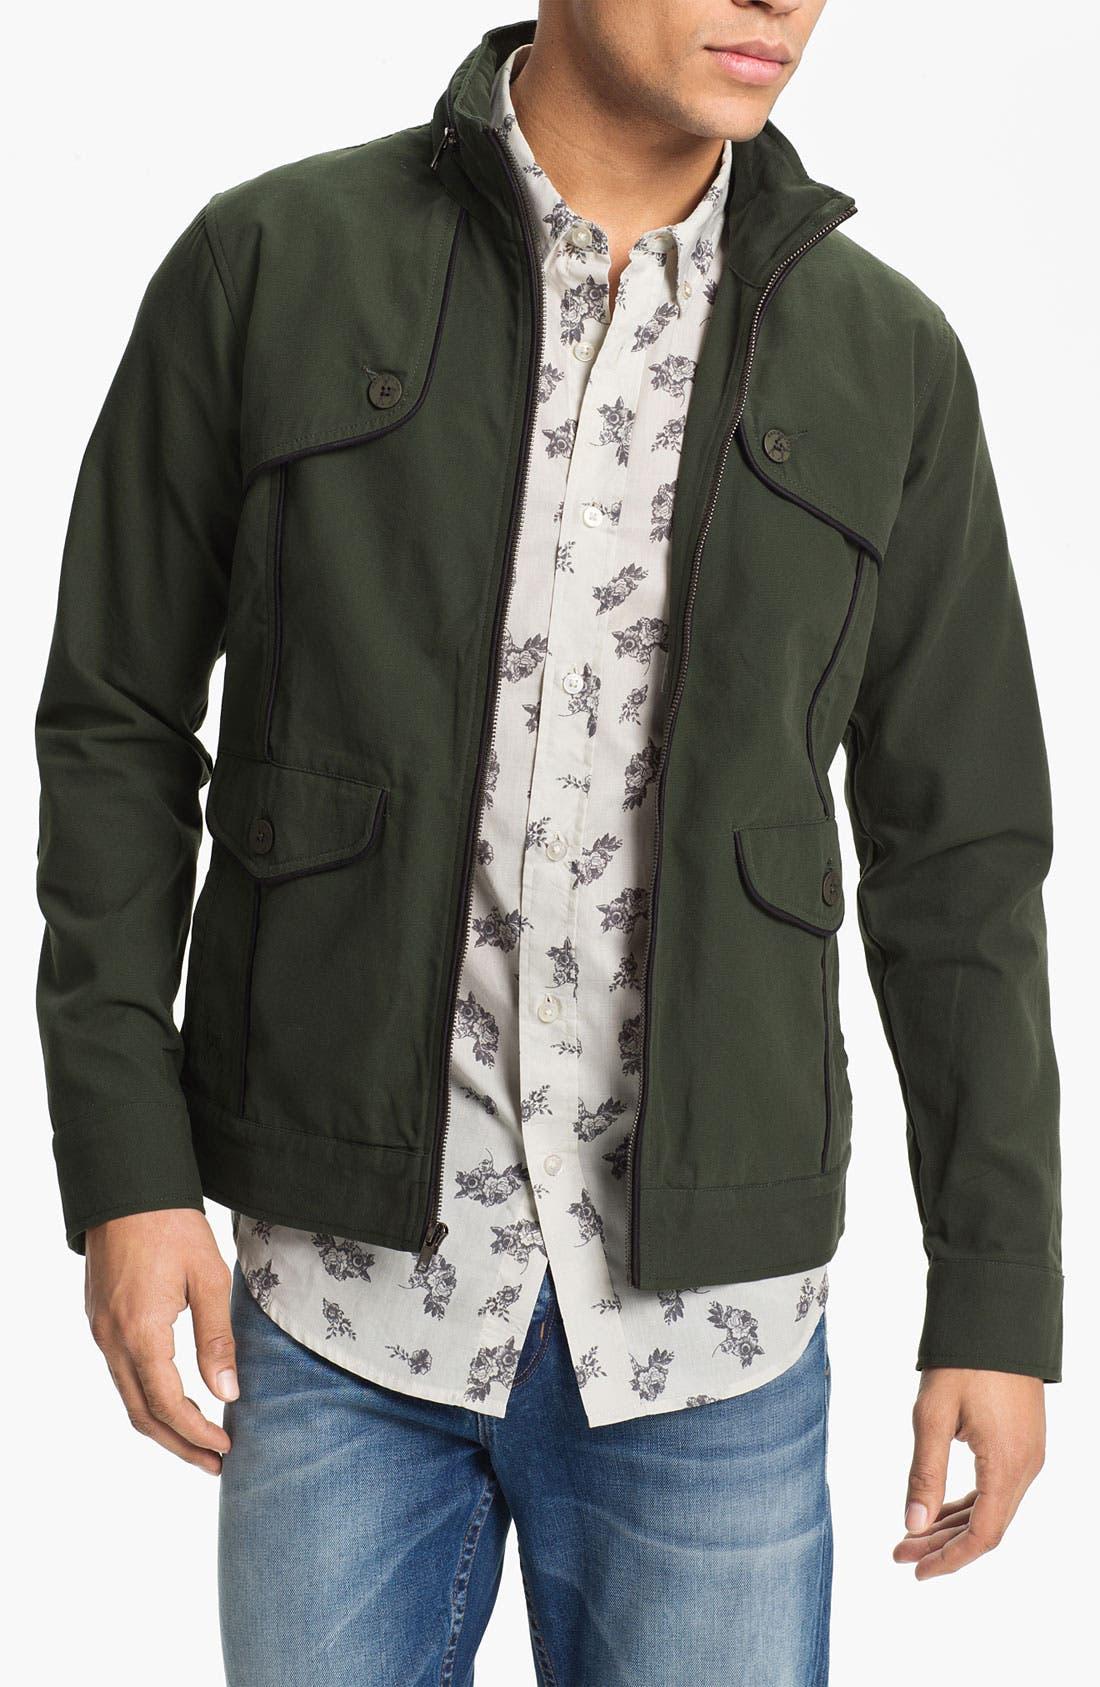 Main Image - Kane & Unke Zip Jacket